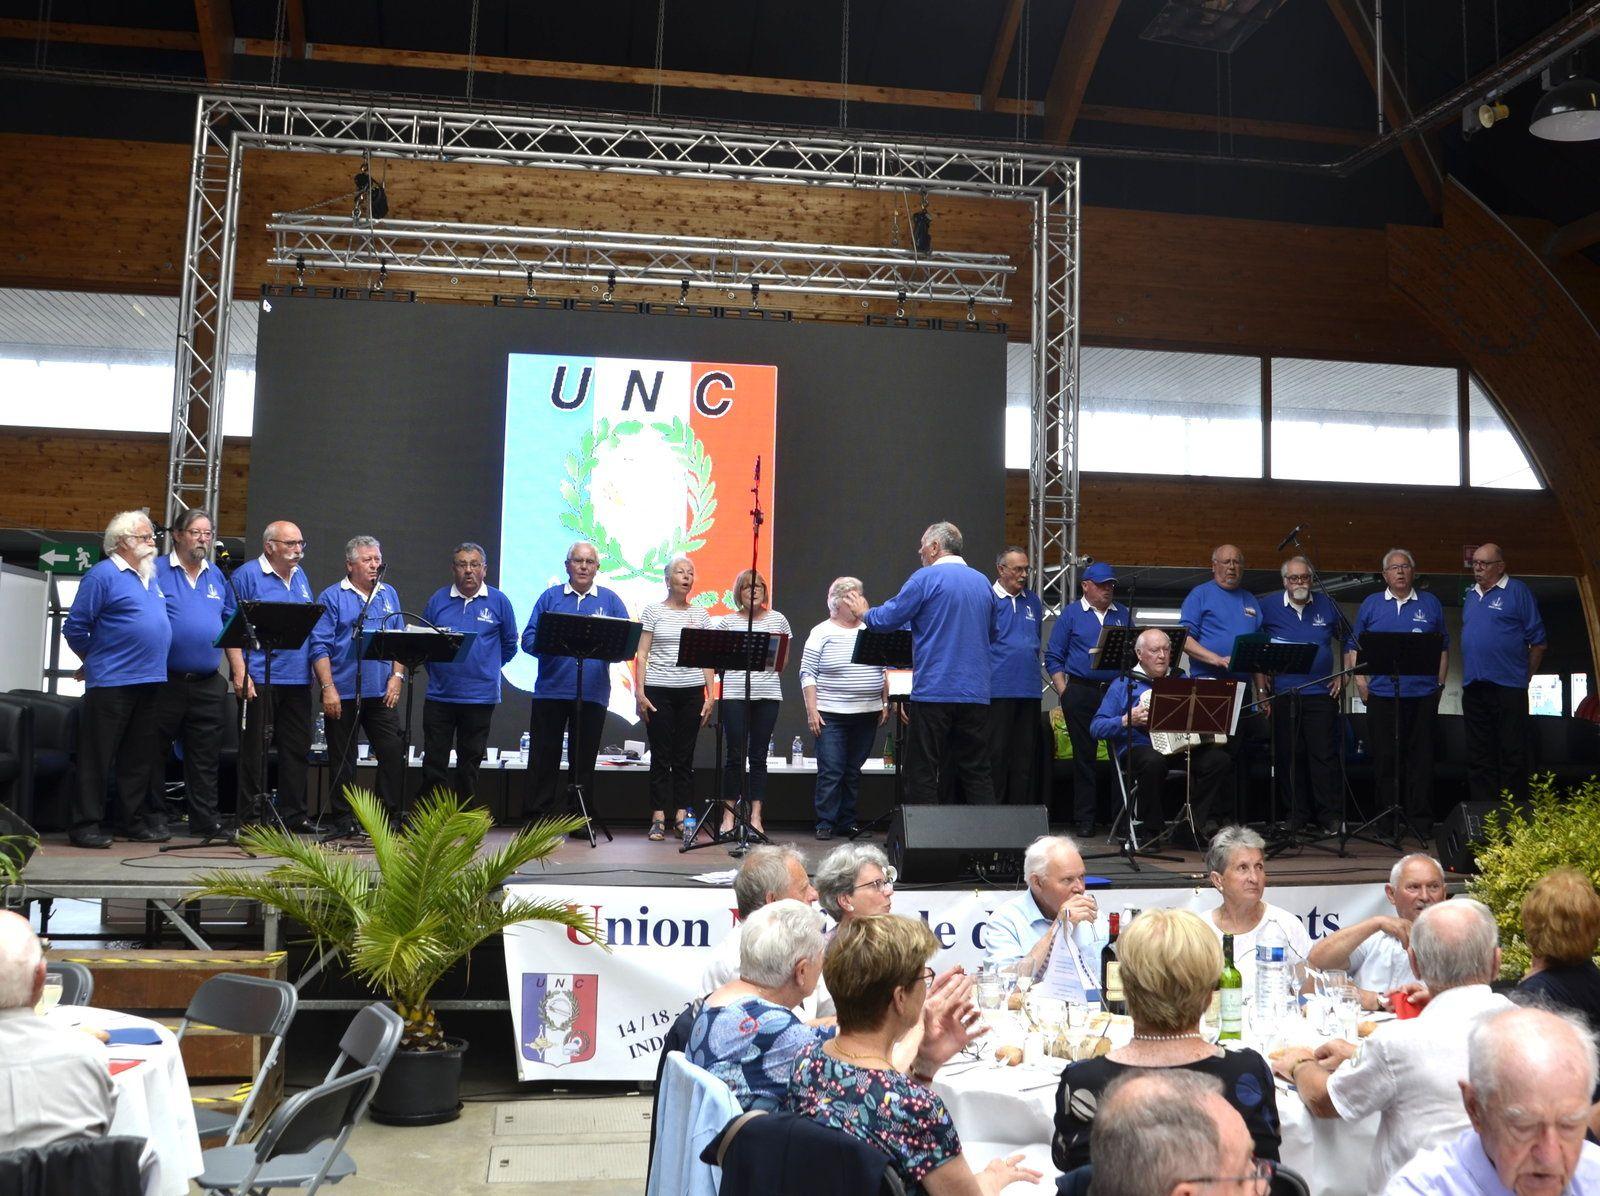 Retour sur le Congrès National de l'UNC à Saint-Malo, photos de Joseph C. que nous remercions pour sa disponibilité !